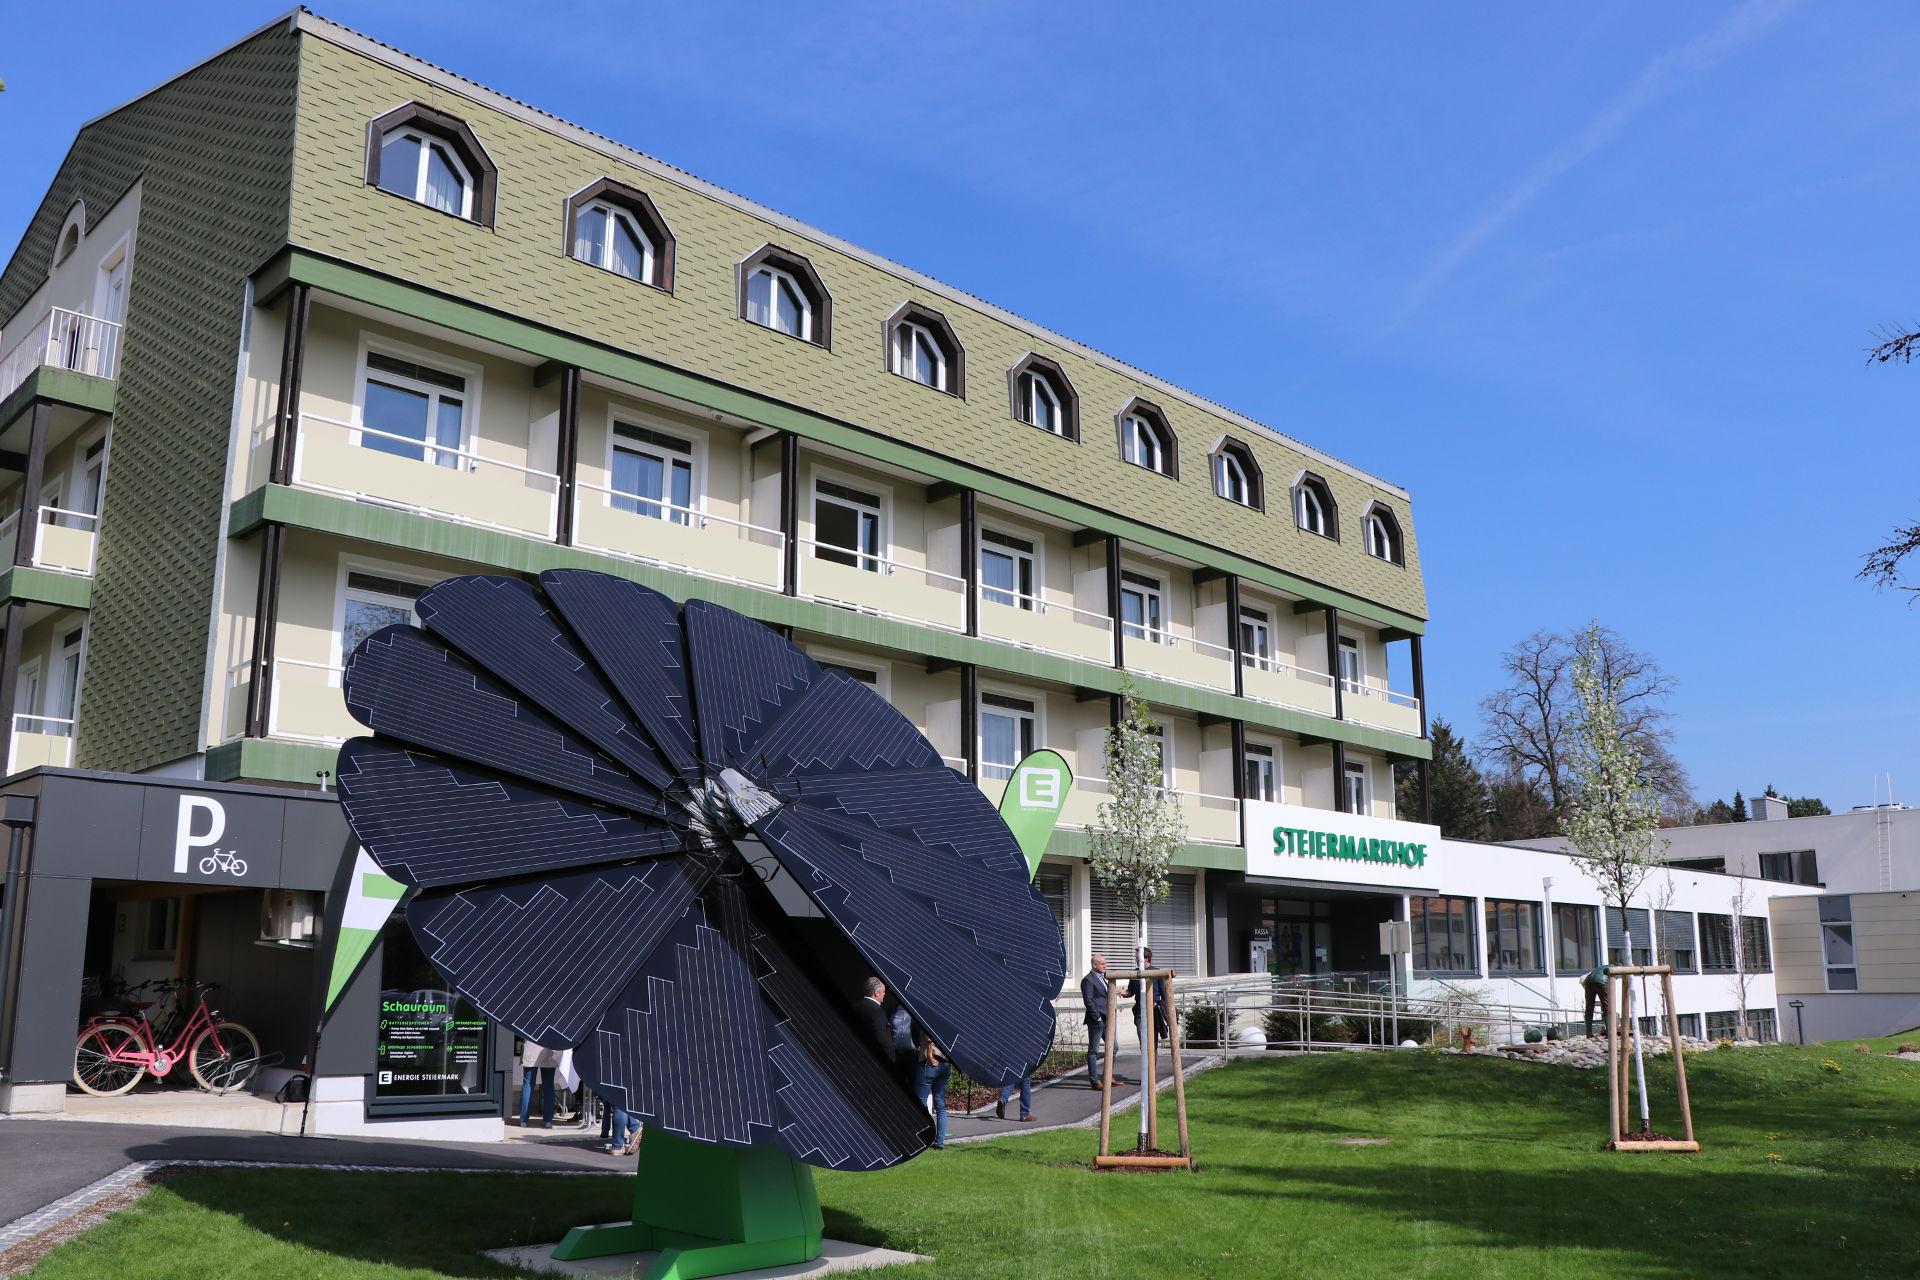 Photovoltaik-Sonnenblume produziert erneubaren Strom zur Kühlung der Seminarräume. © Roman Musch